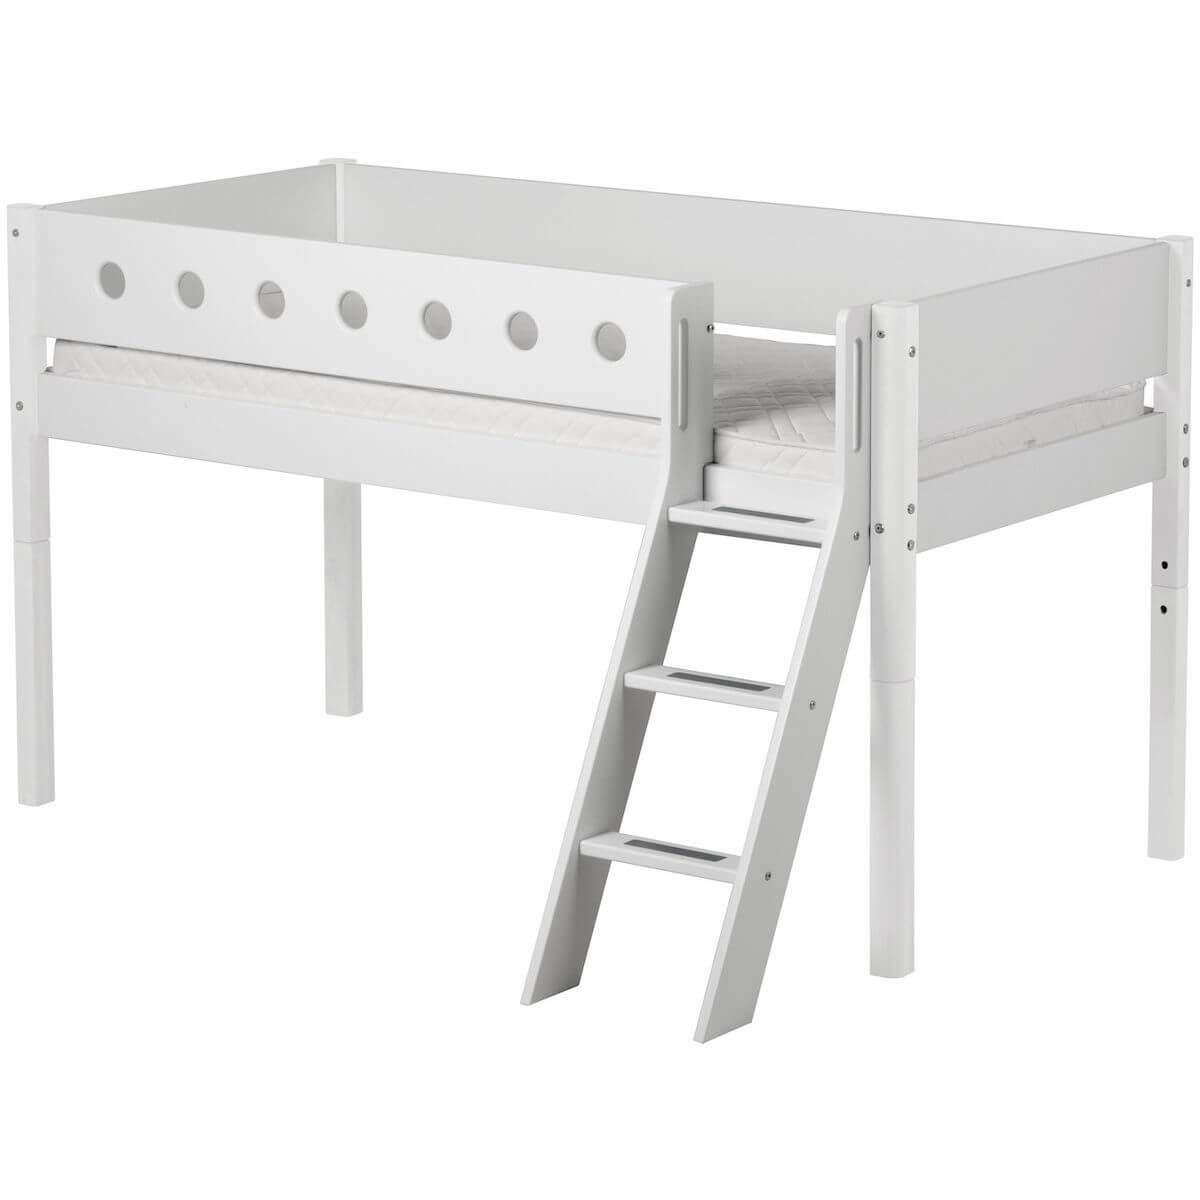 Cama media alta 90x200 WHITE Flexa escalera inclinada barrera y patas blancas